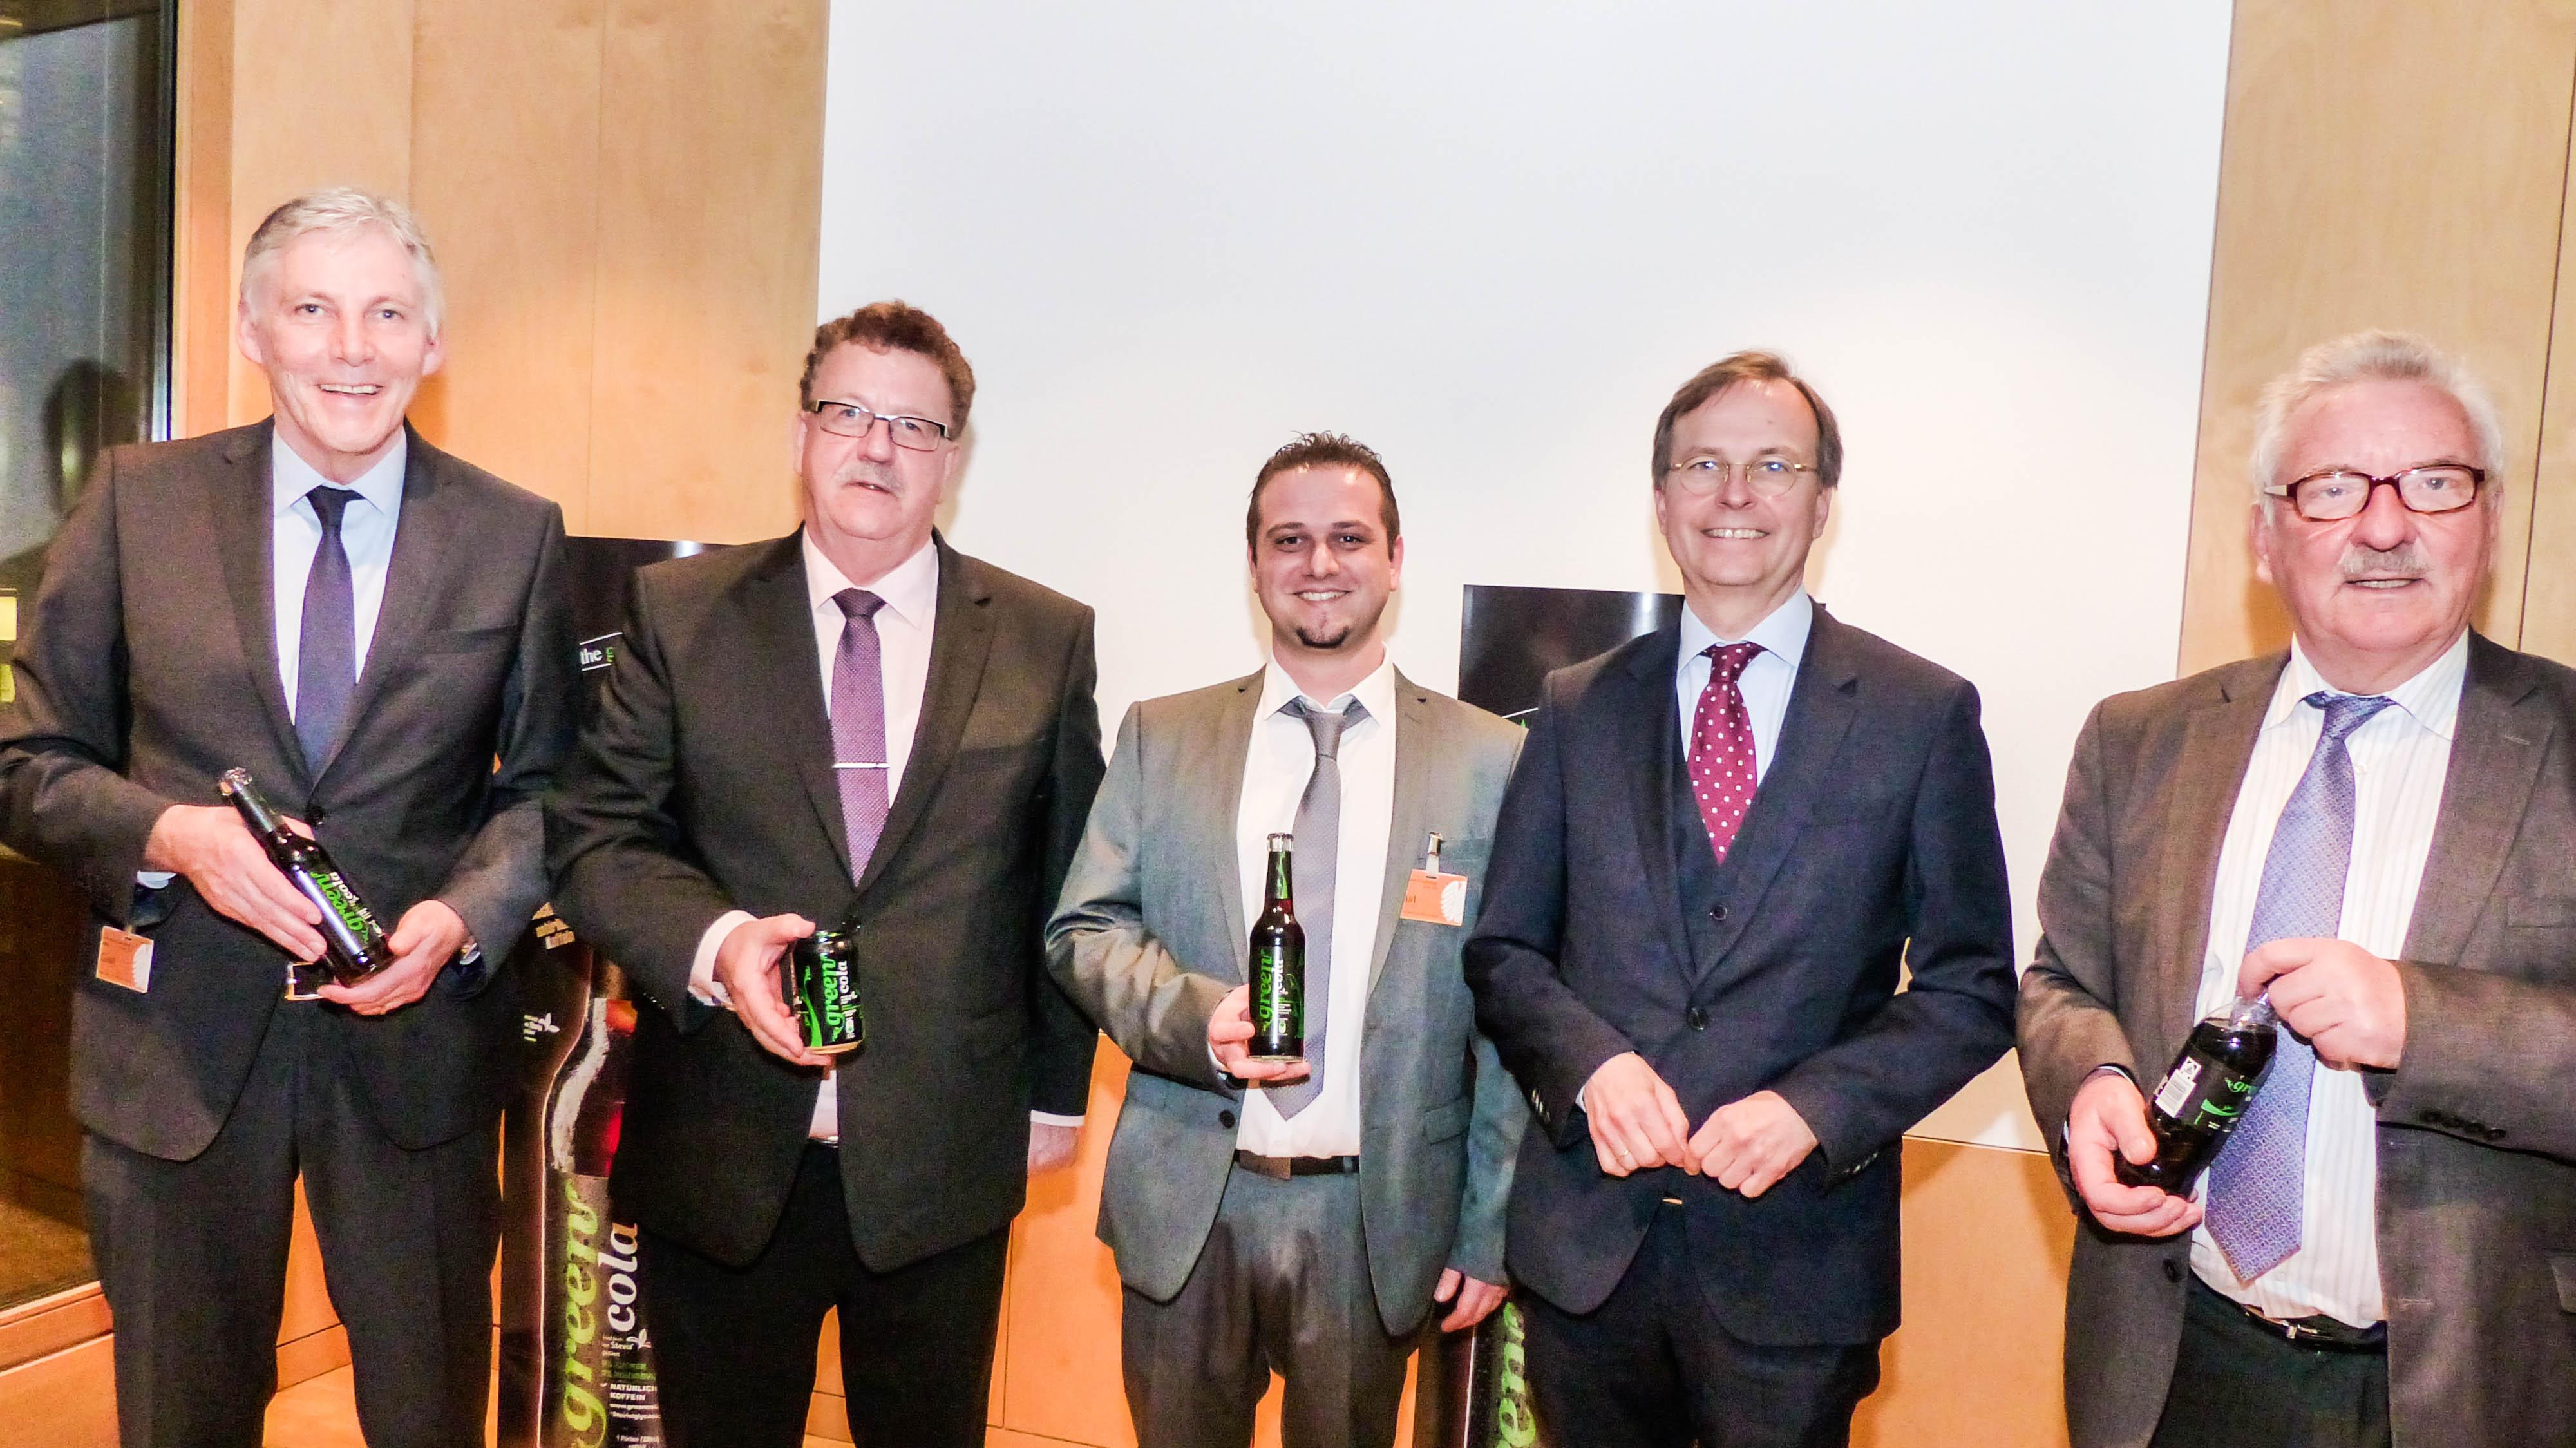 Helmut Riegger+Hans Joachim Fuchtel+Leonidas Stoikos+Thomas Rachel+Jürgen Klimke-2